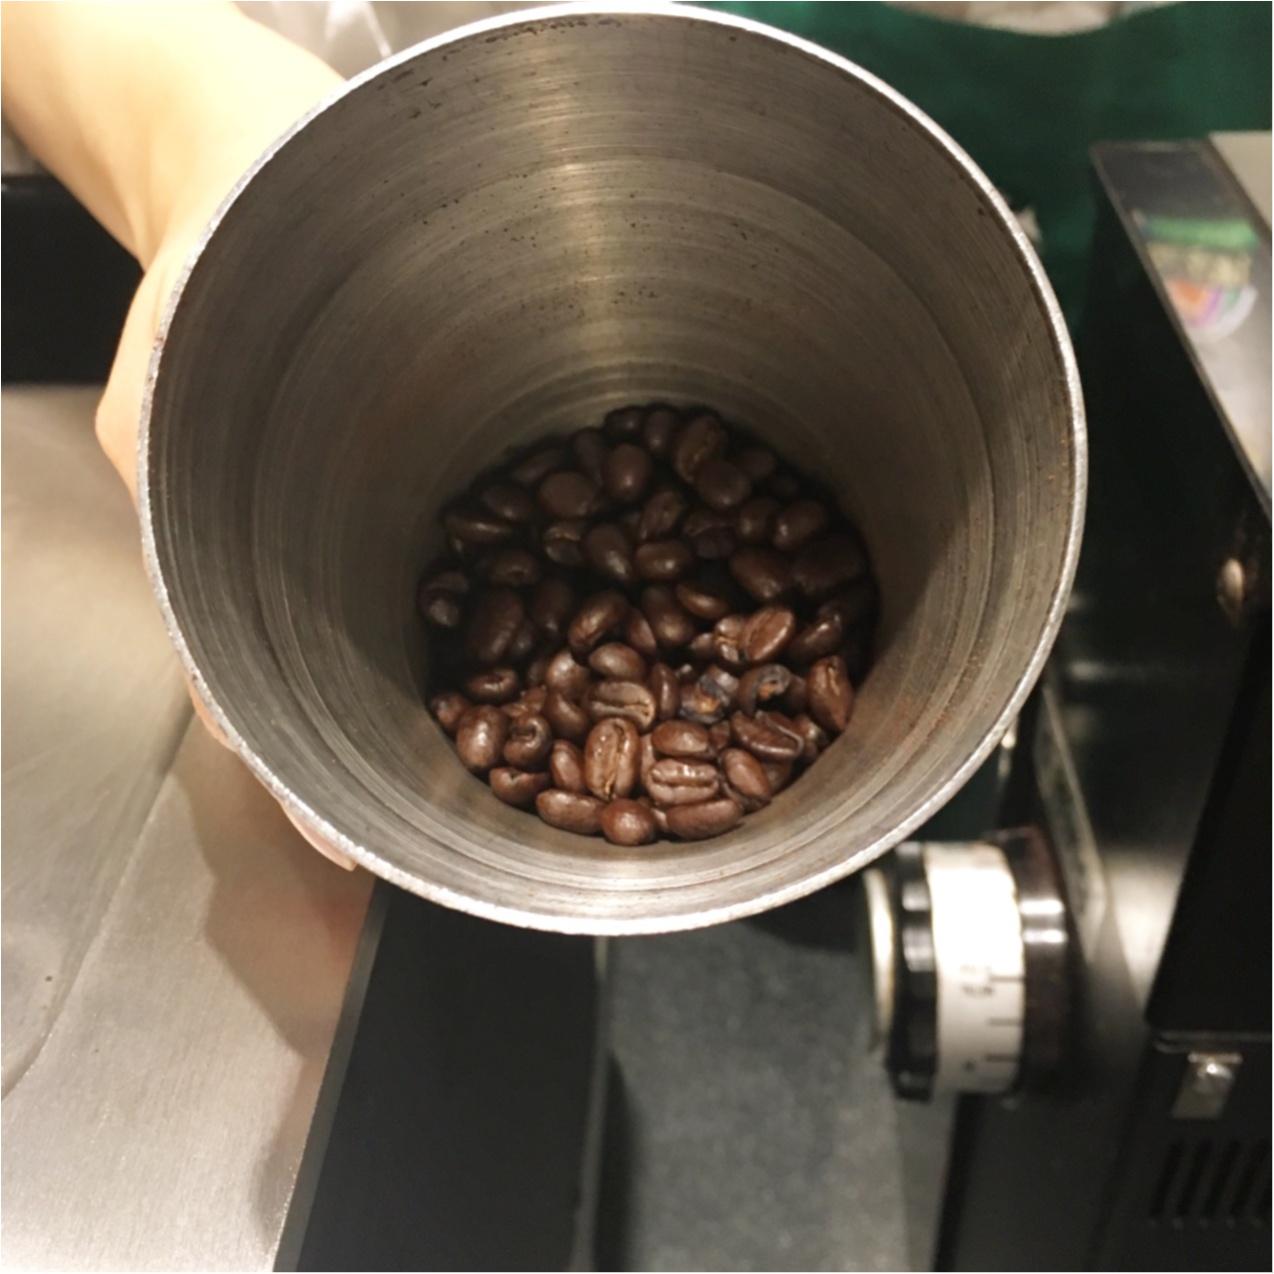 ワンランク上のコーヒーが味わえる ♡ 《 スターバックスリザーブ 》でちょっとリッチなコーヒーを…♡_4